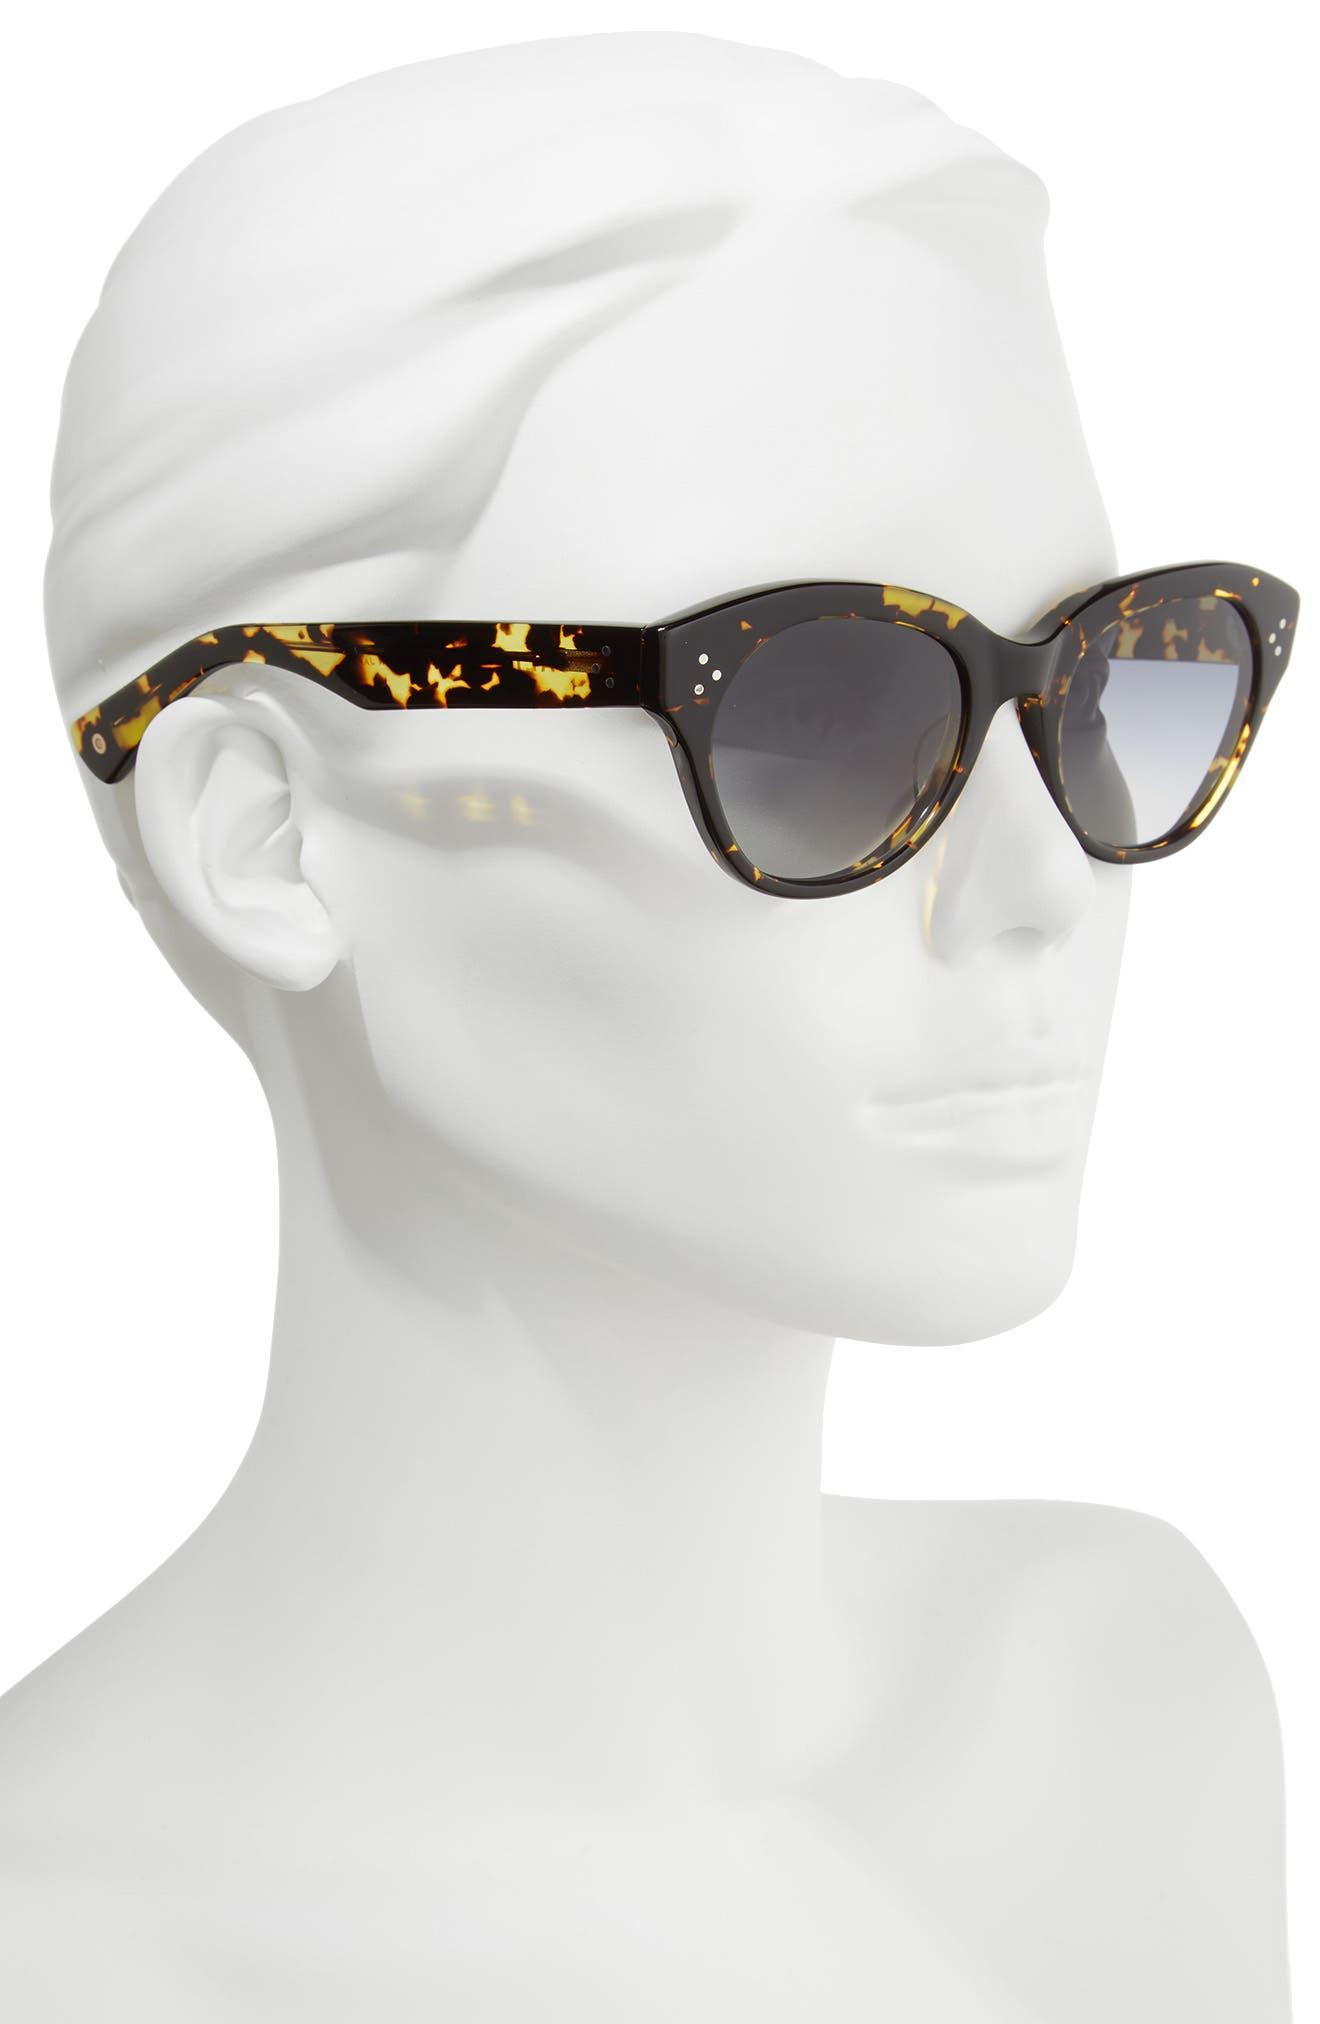 Bobbi 53mm Cat Eye Polarized Sunglasses,                             Alternate thumbnail 2, color,                             001